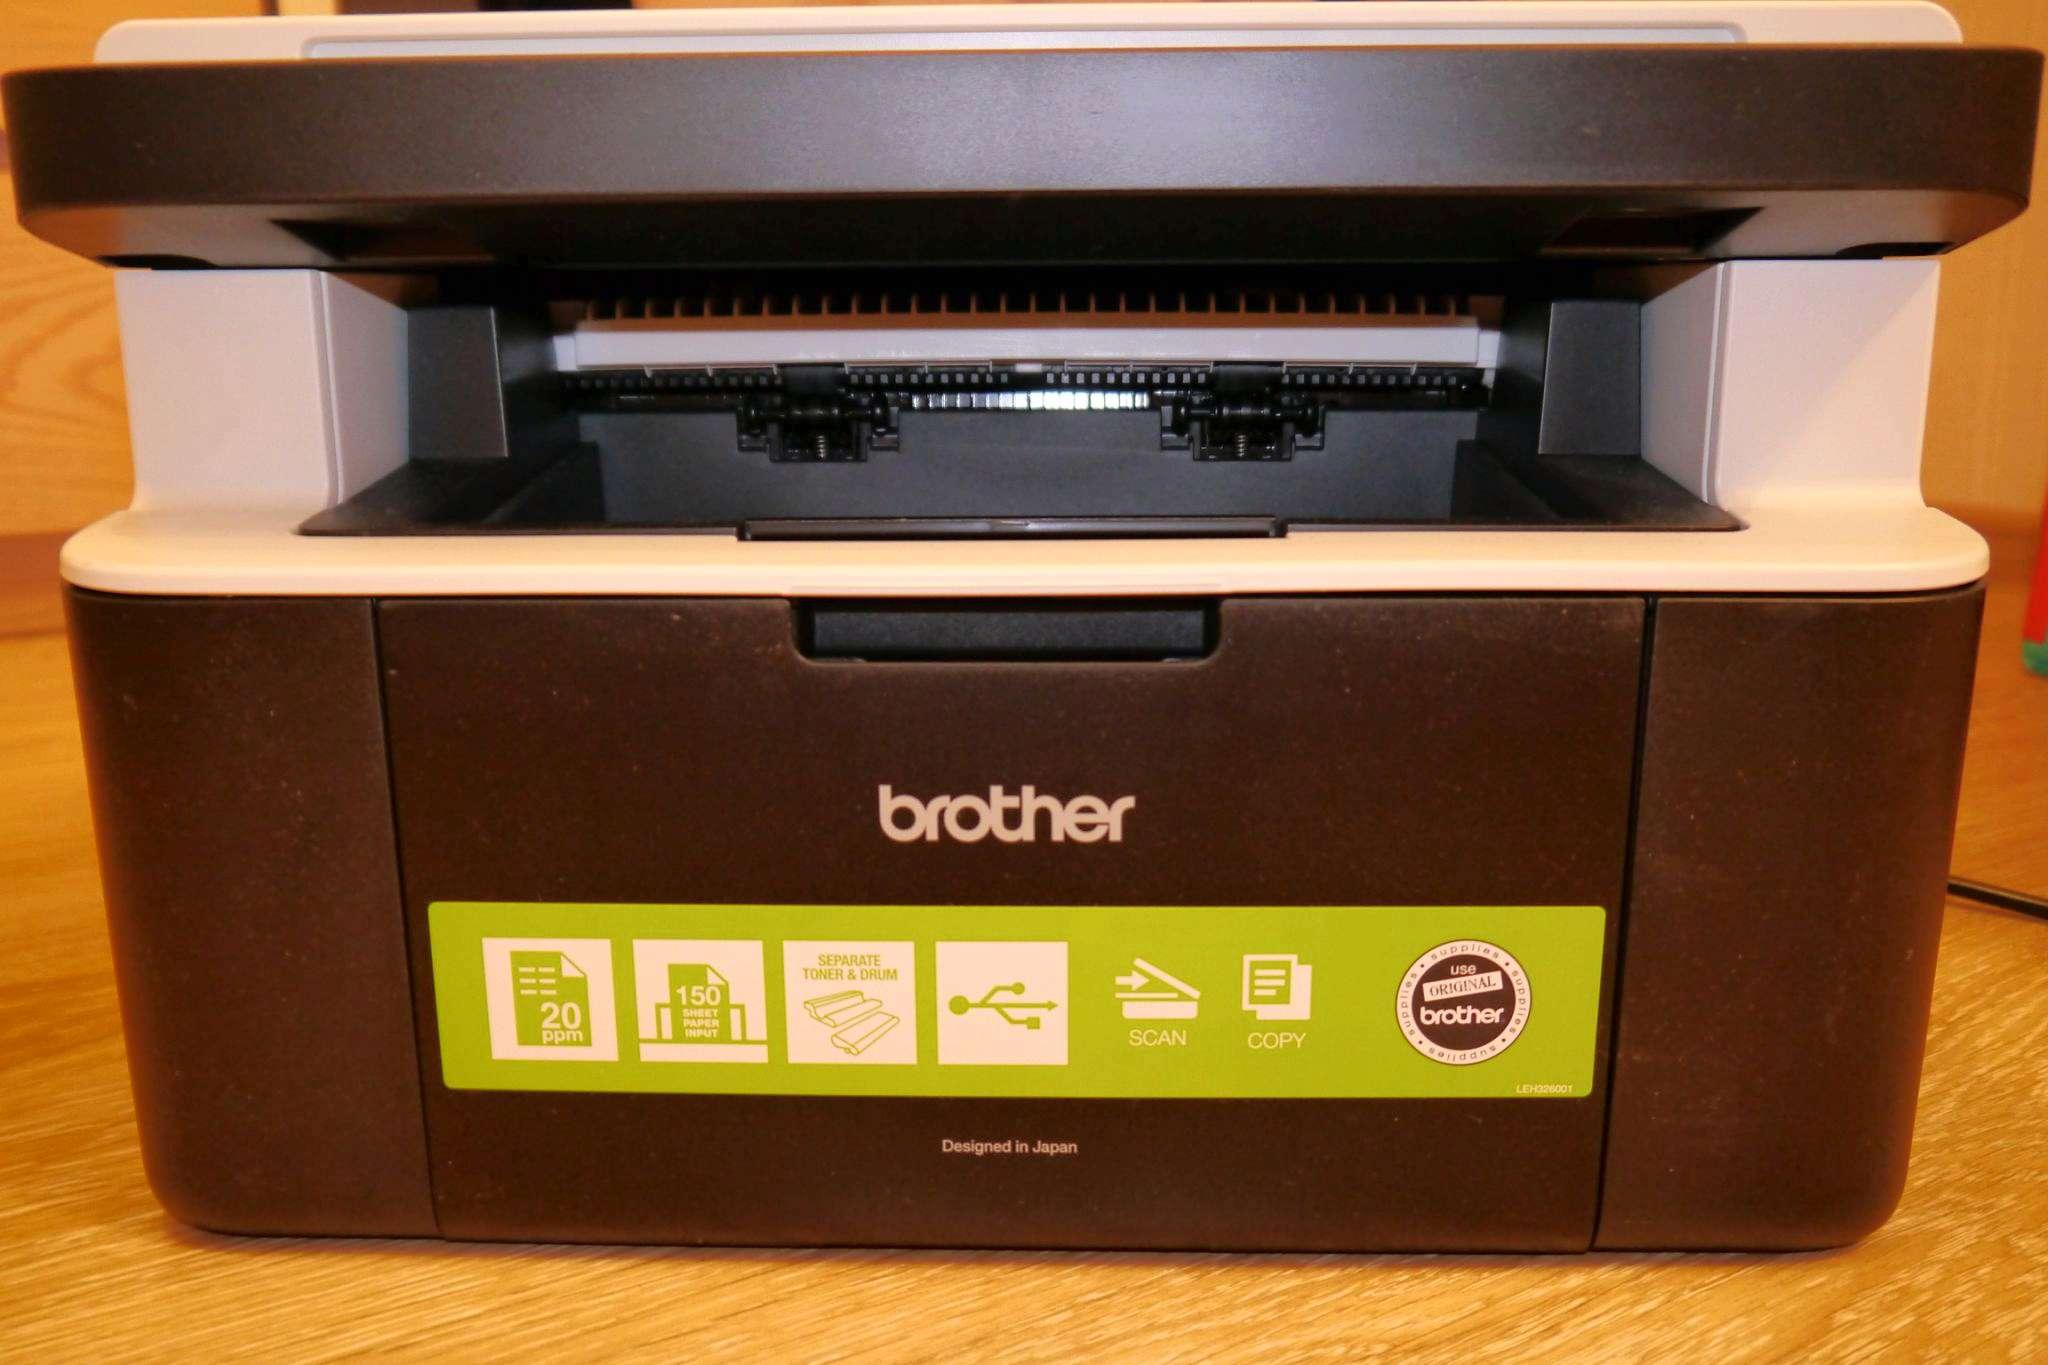 Скачать драйвера для принтера бротхер dcp 1510r